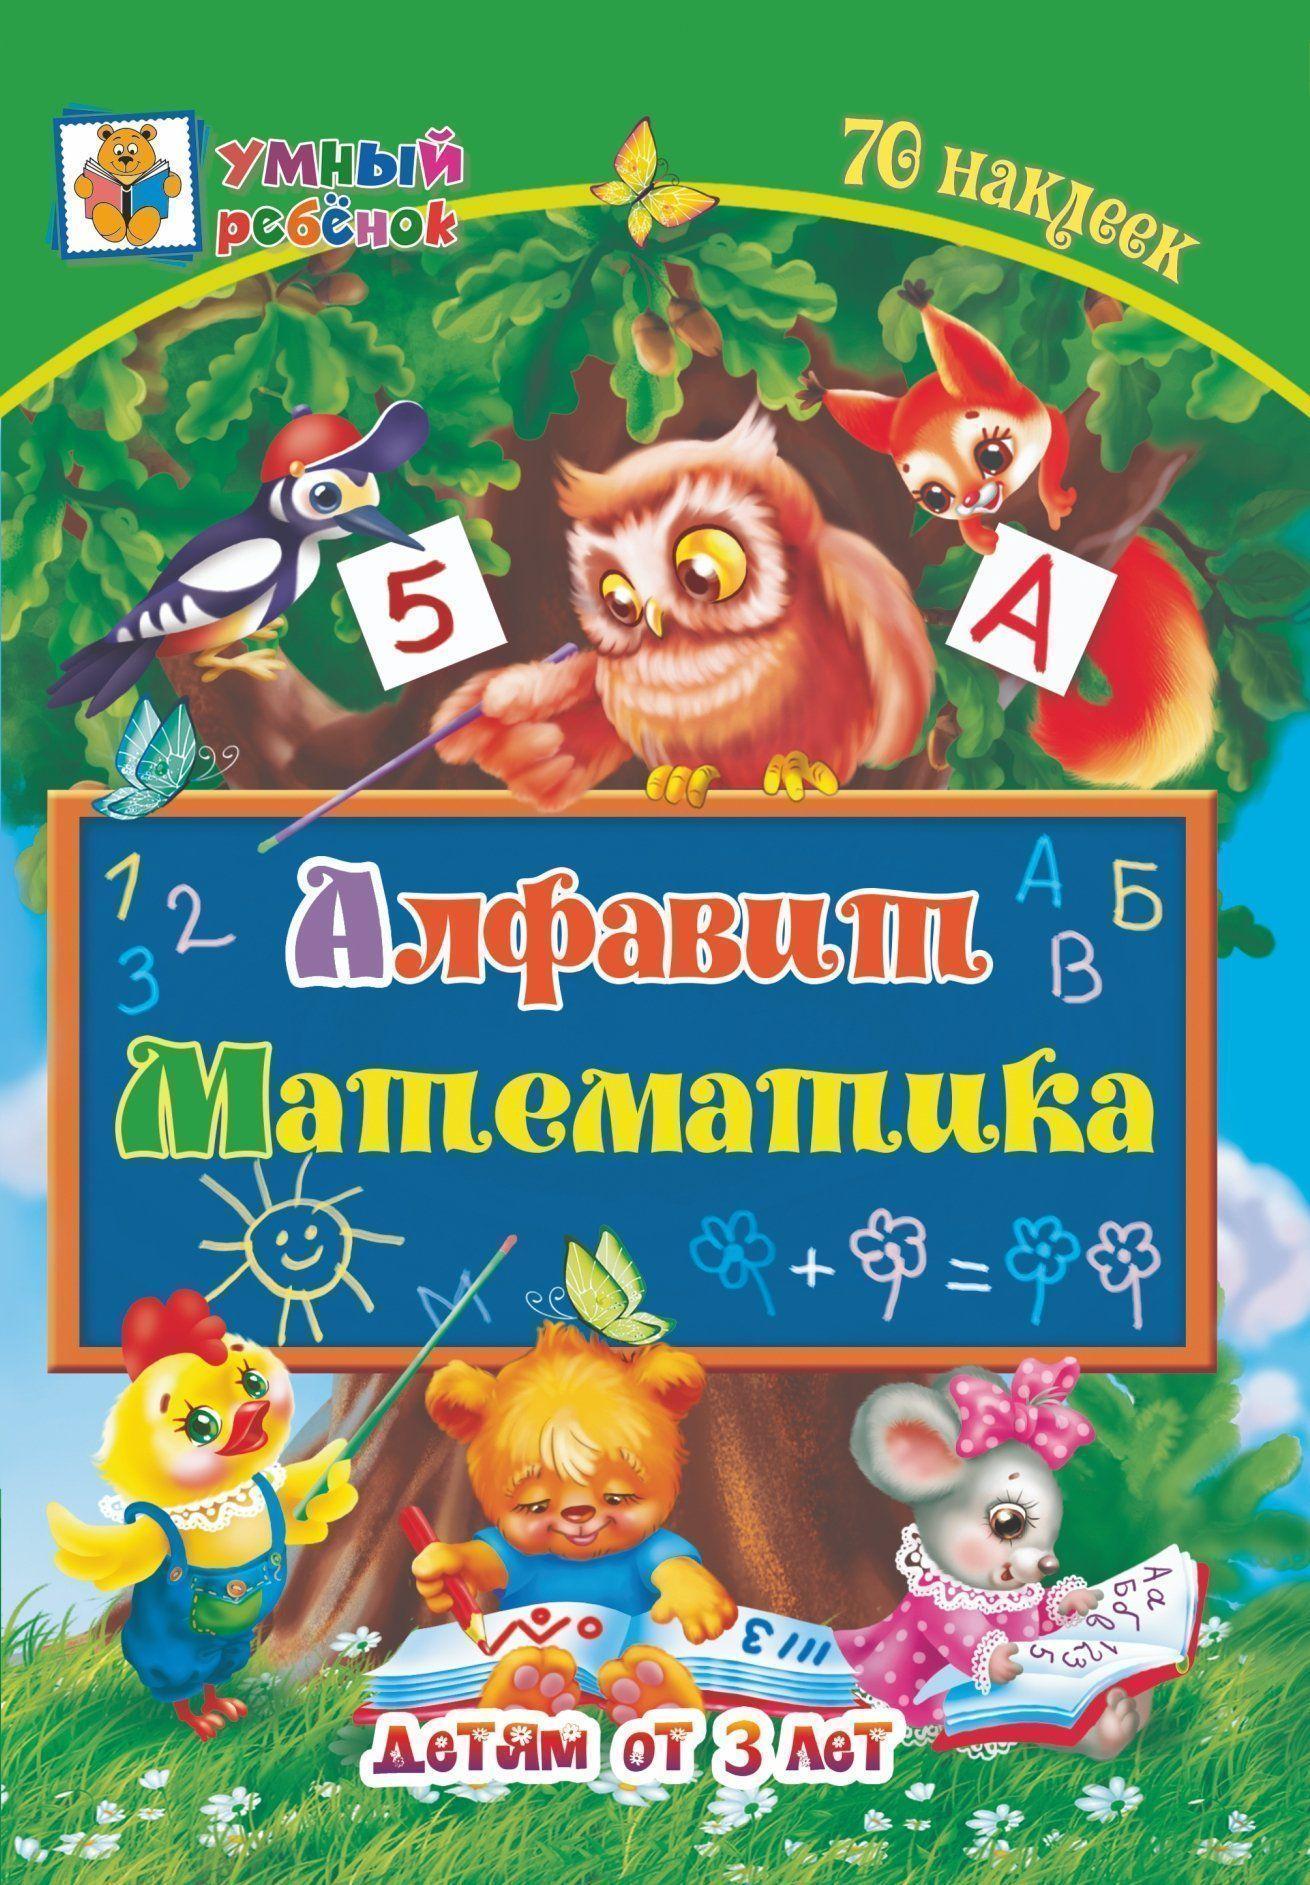 Алфавит. Математика: сборник развивающих заданий для детей от 3 лет. 70 наклеек